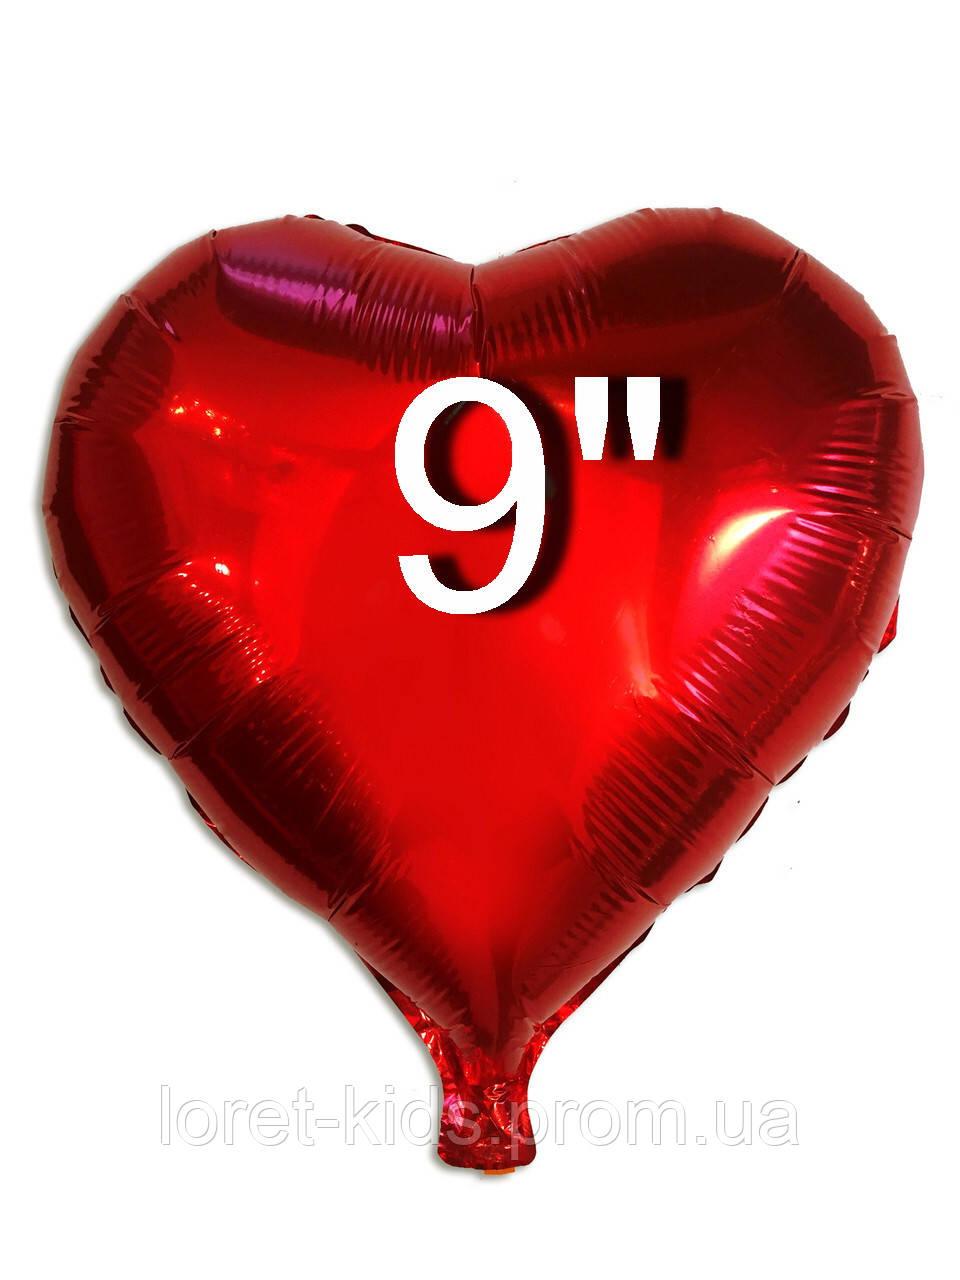 Шар фольгированный сердце красный, 22 см (Китай )